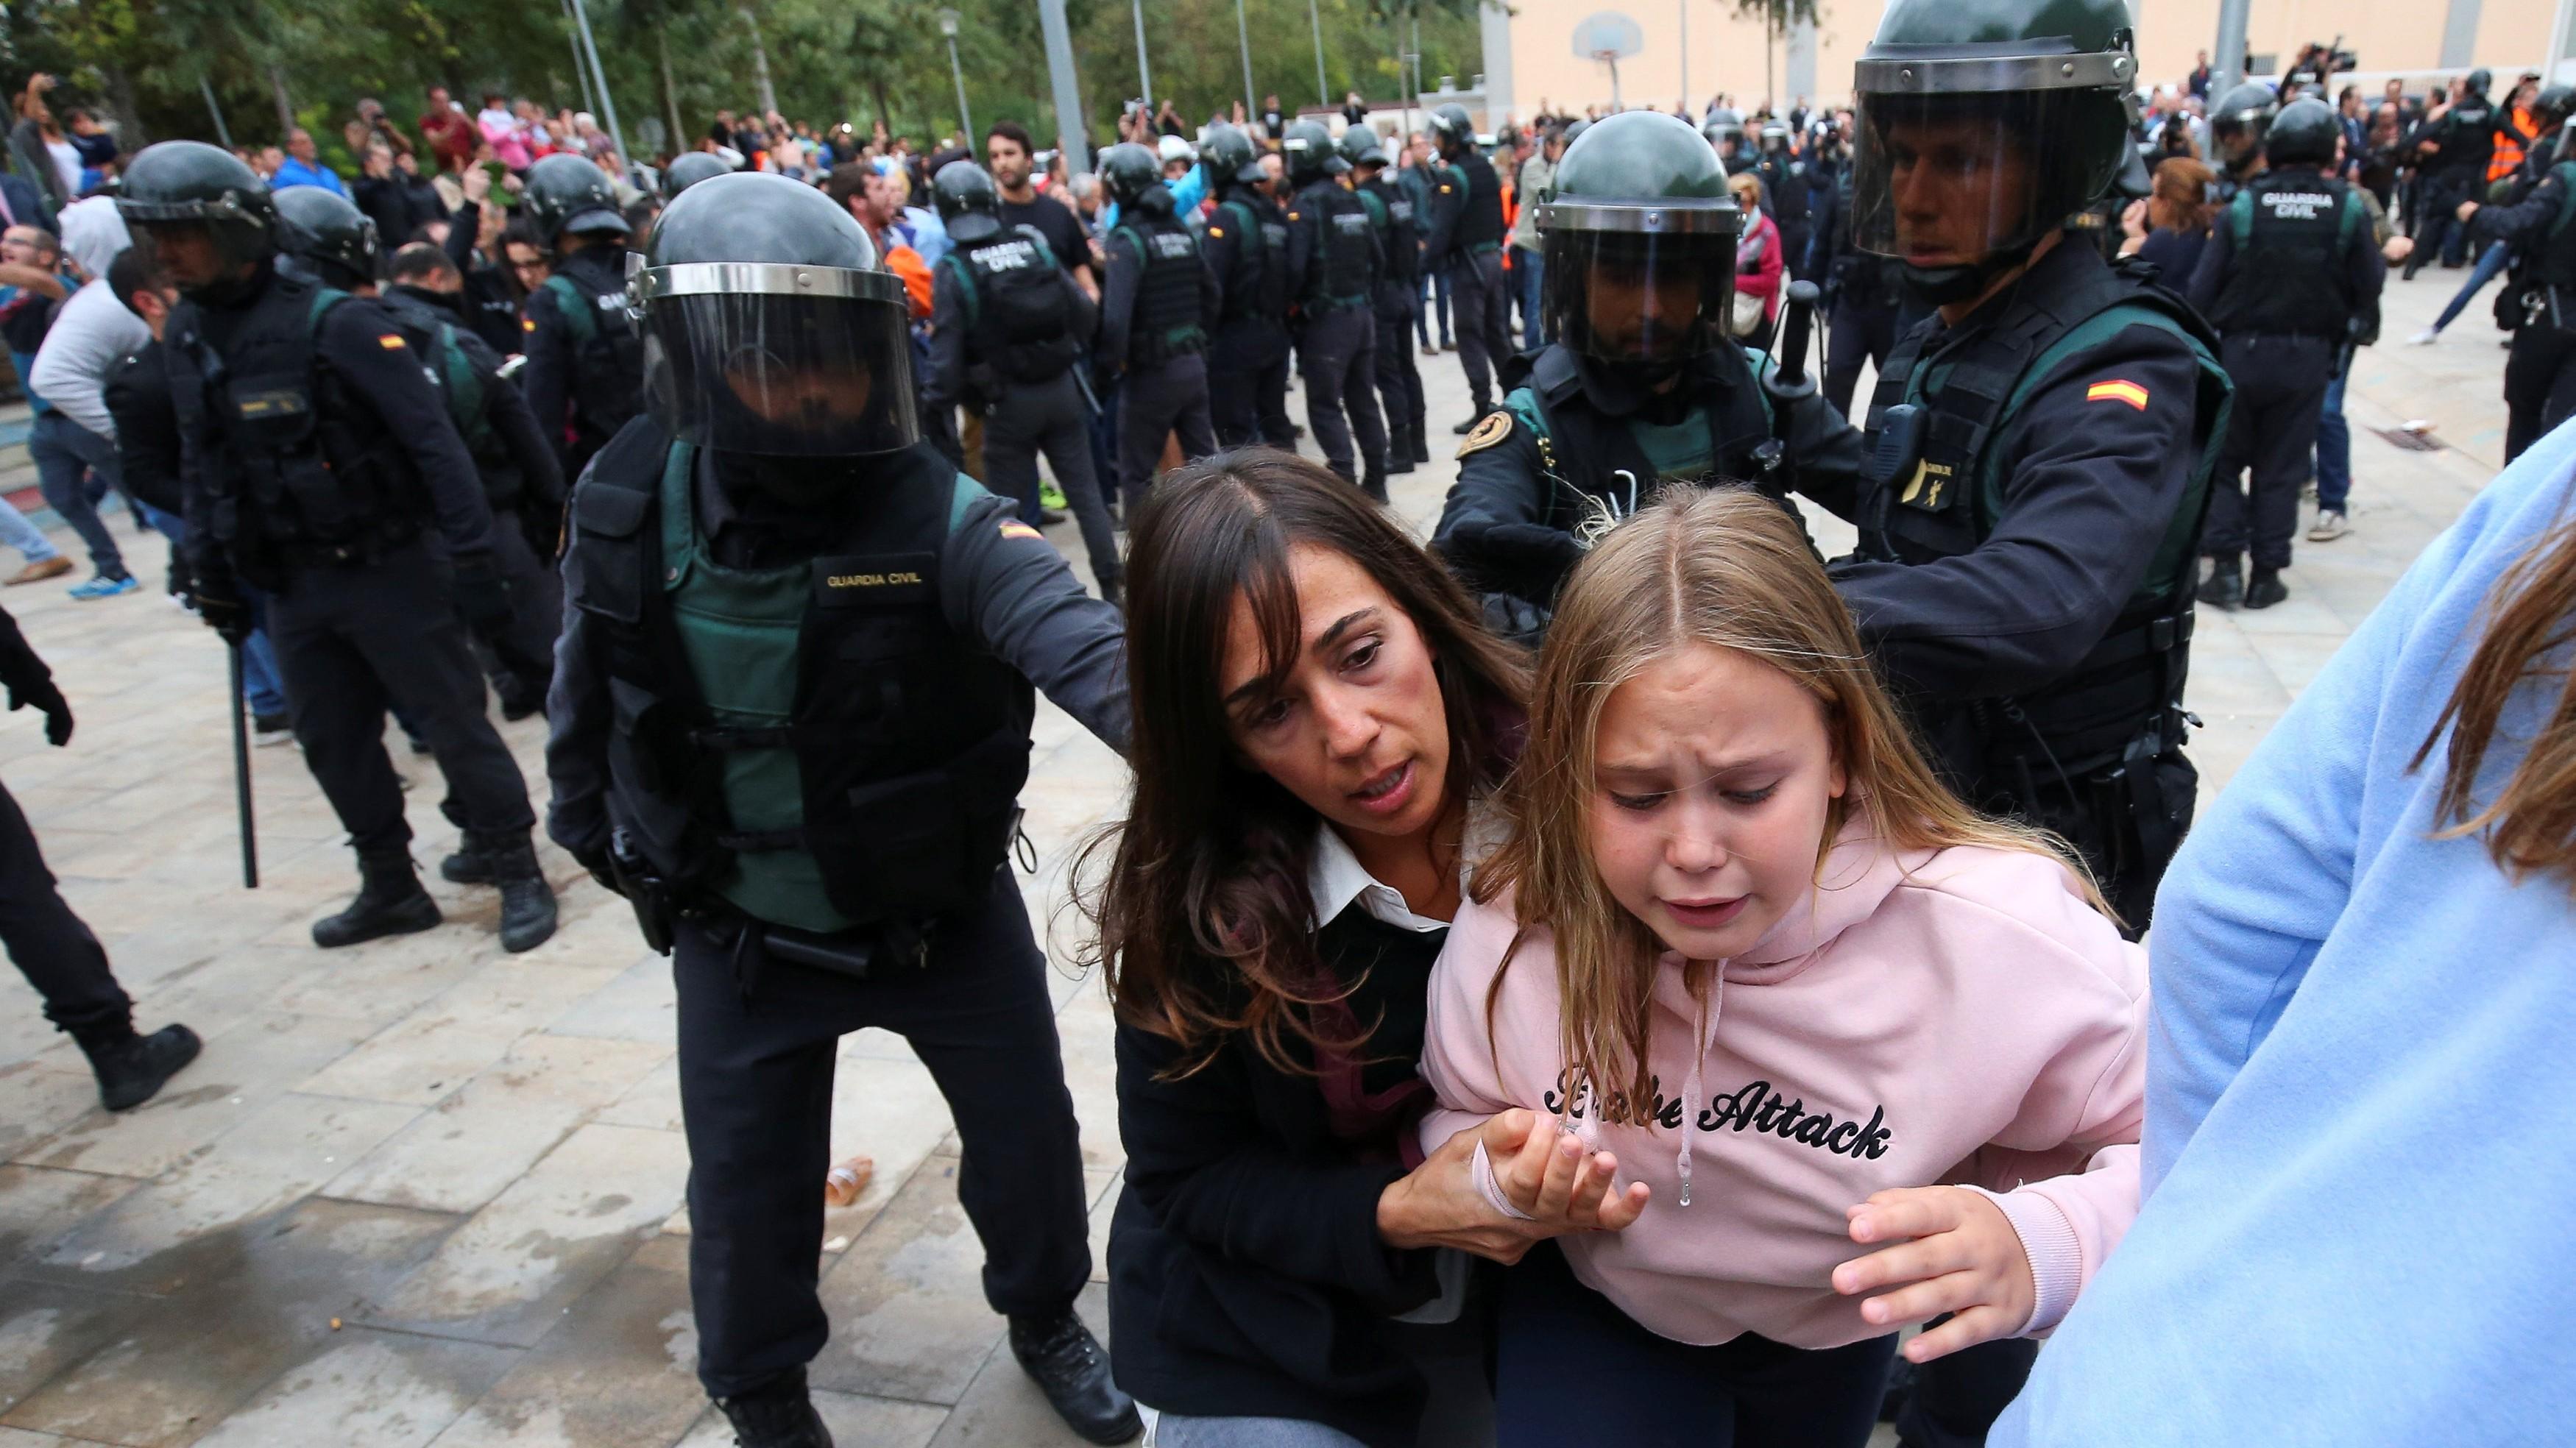 Referendum Catalogna, Guardia civil usa la forza: 38 feriti, 3 gravi